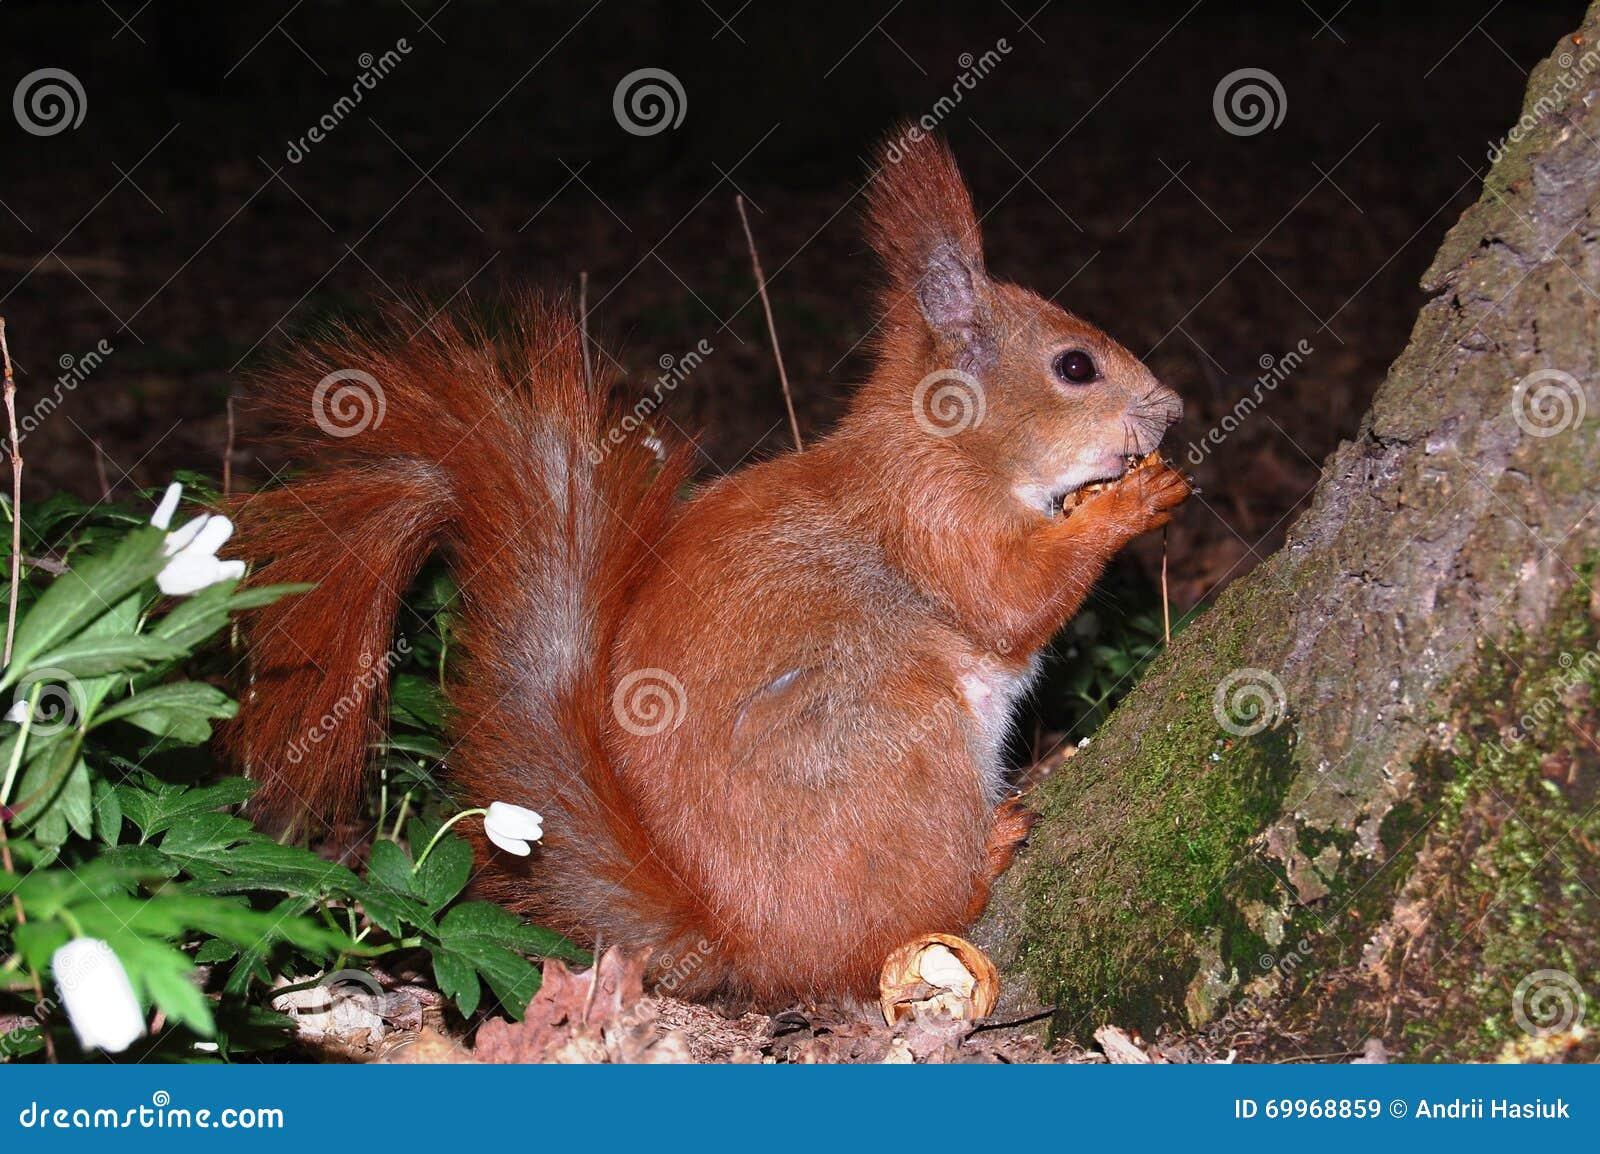 Eichhörnchen, das eine Mutter isst